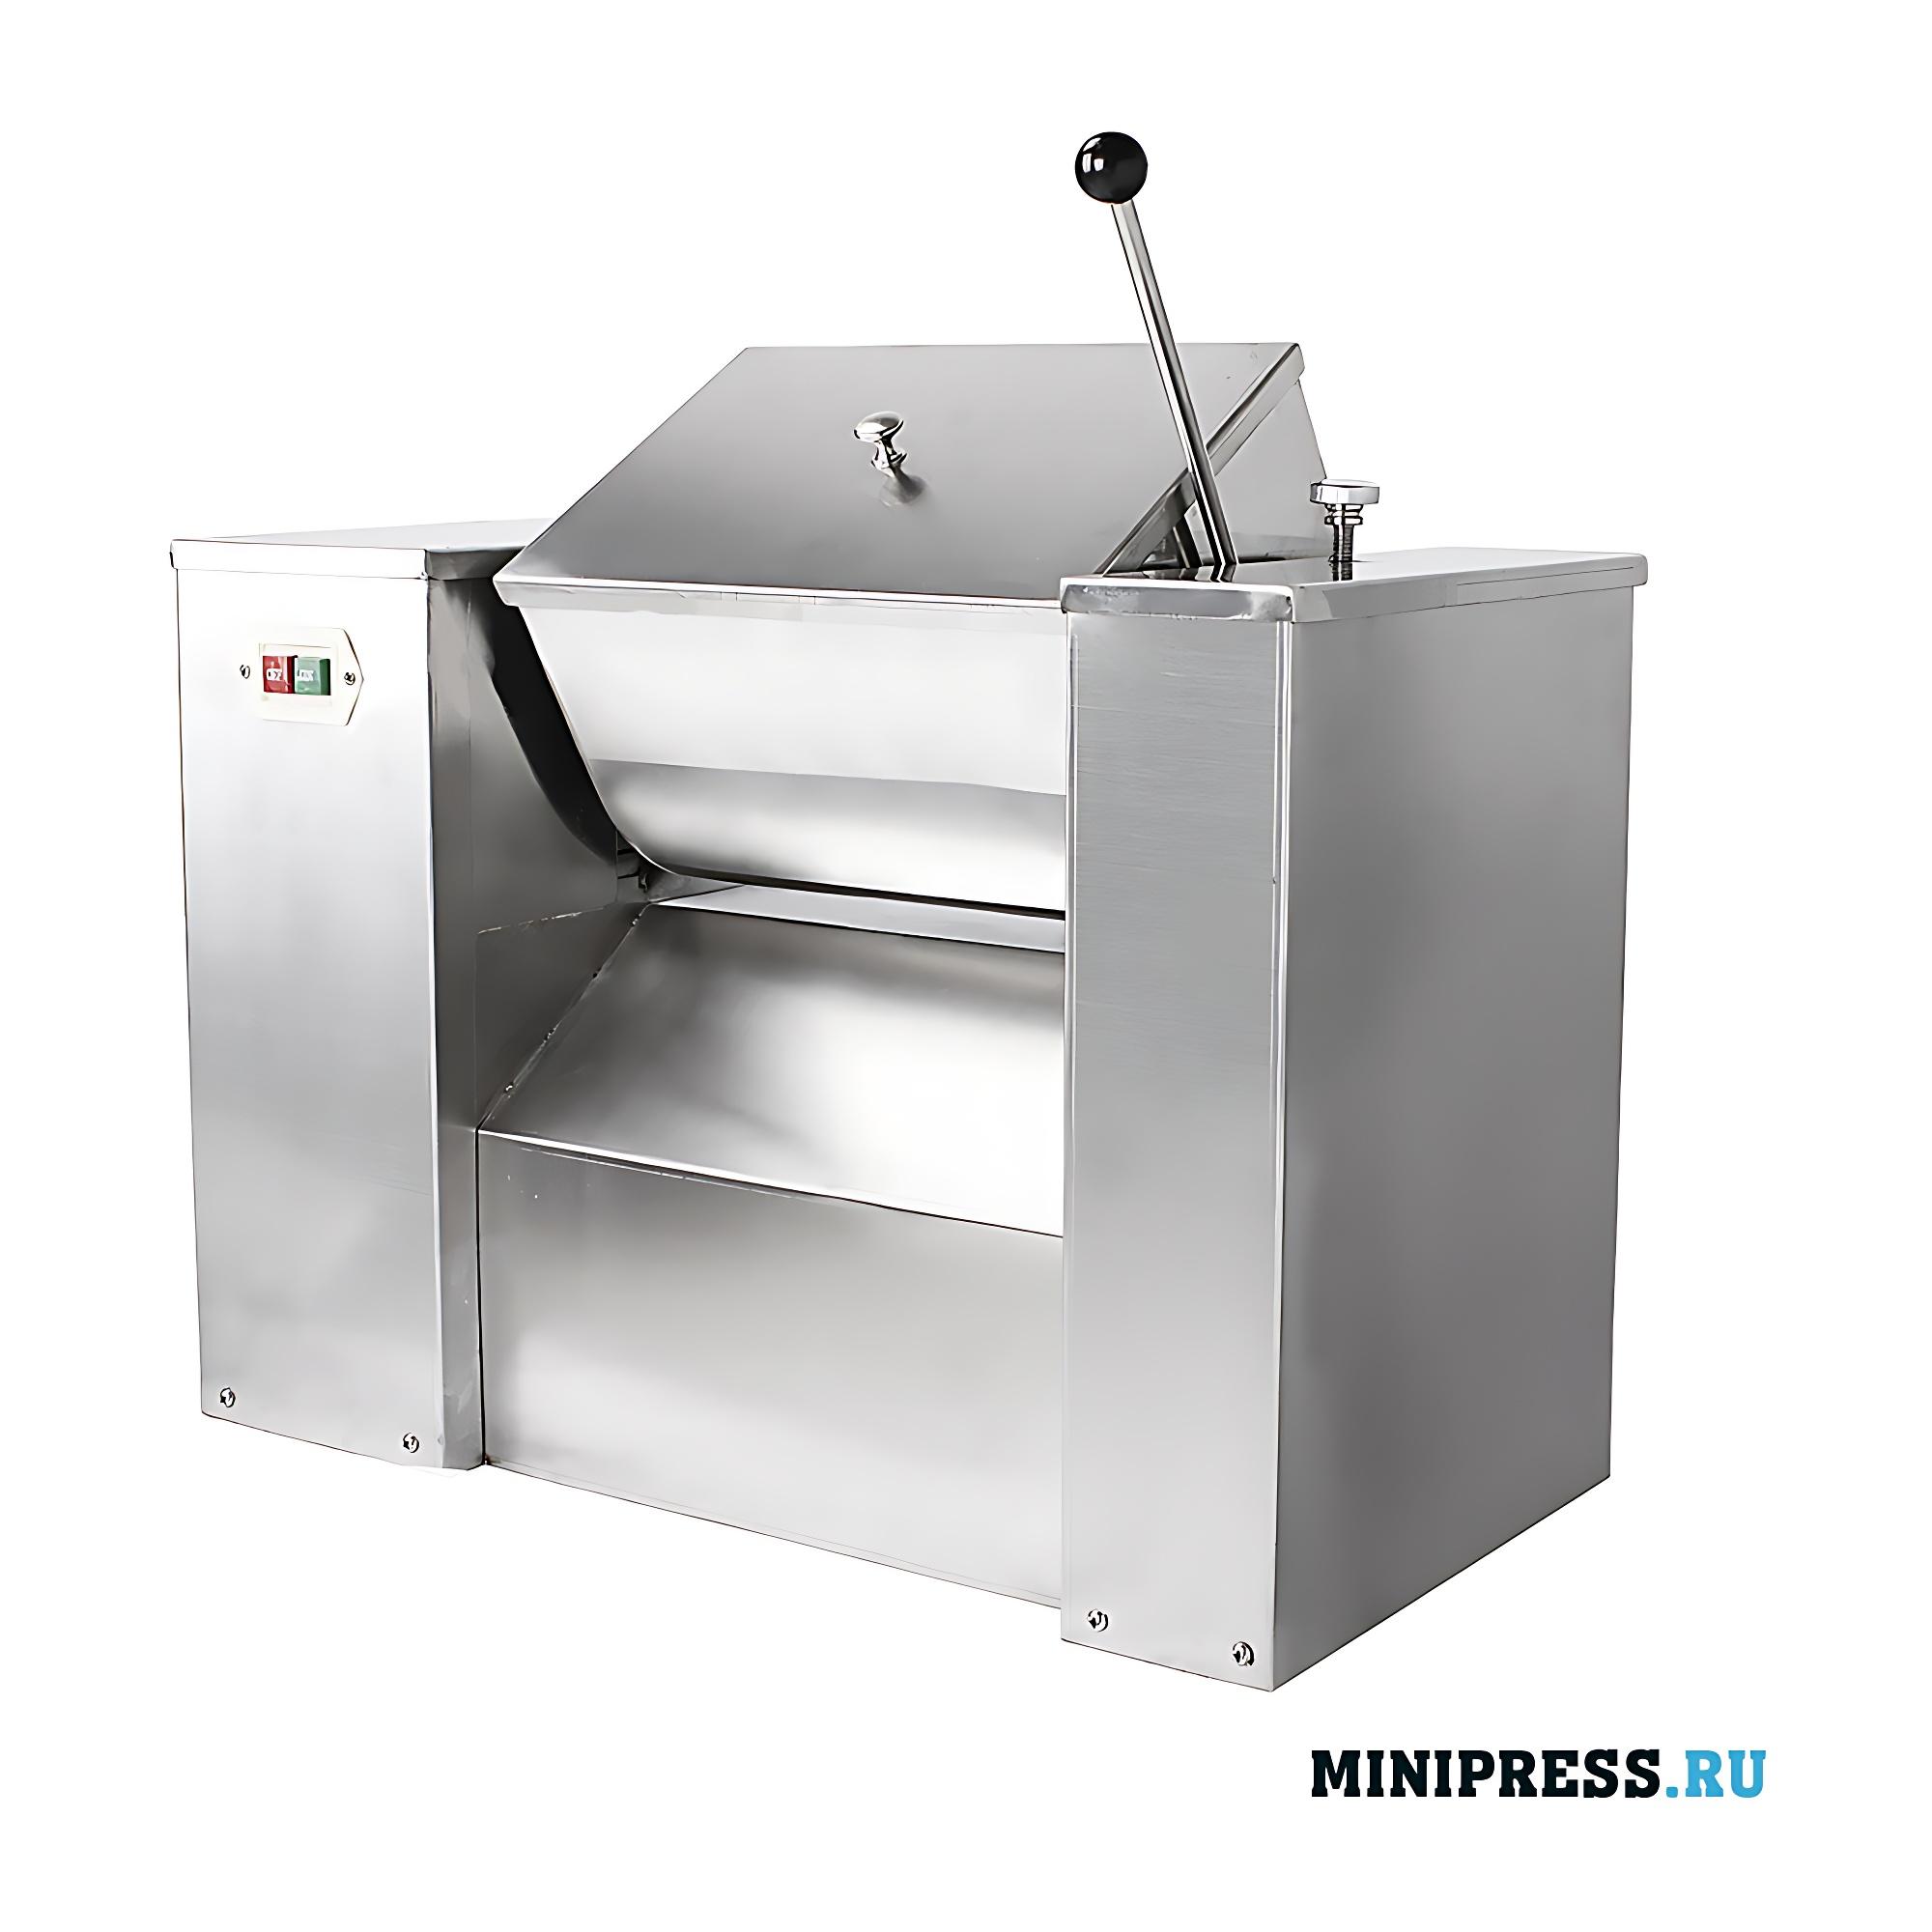 Оборудование для смешивания фармацевтического и пищевого сырья